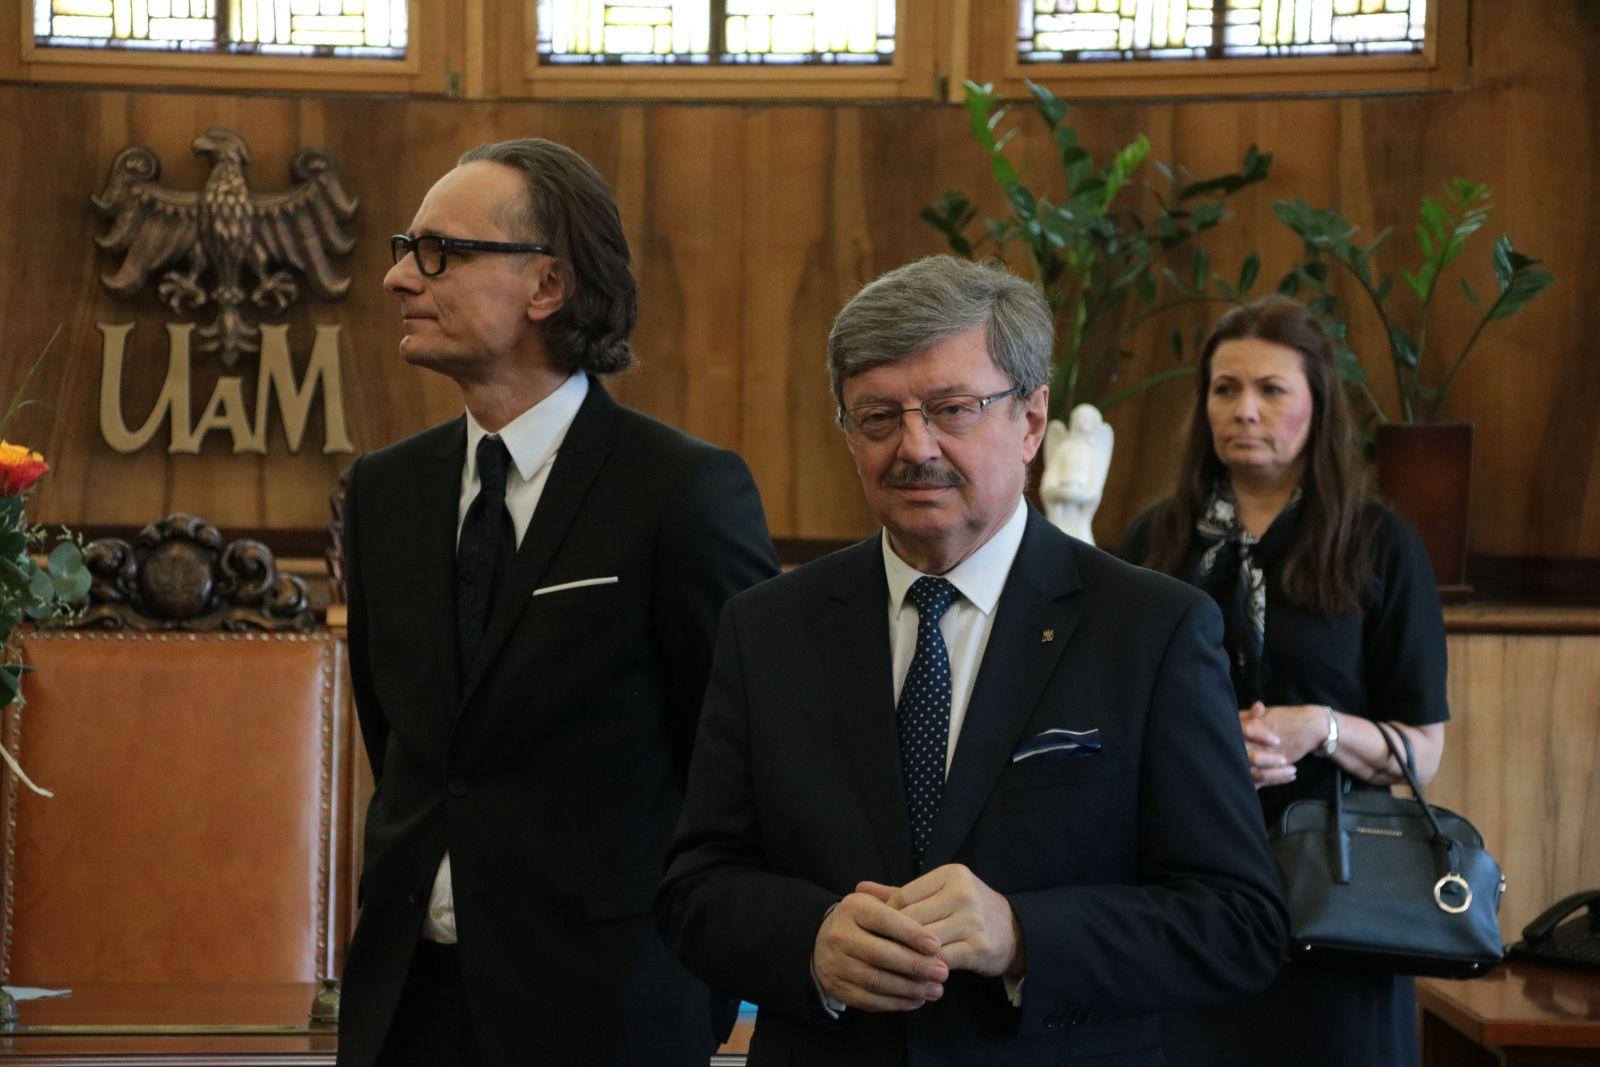 Goście uroczystości wręczenia medalu Homini Vere Academico profesorowi Henrykowi Olszewskiemu